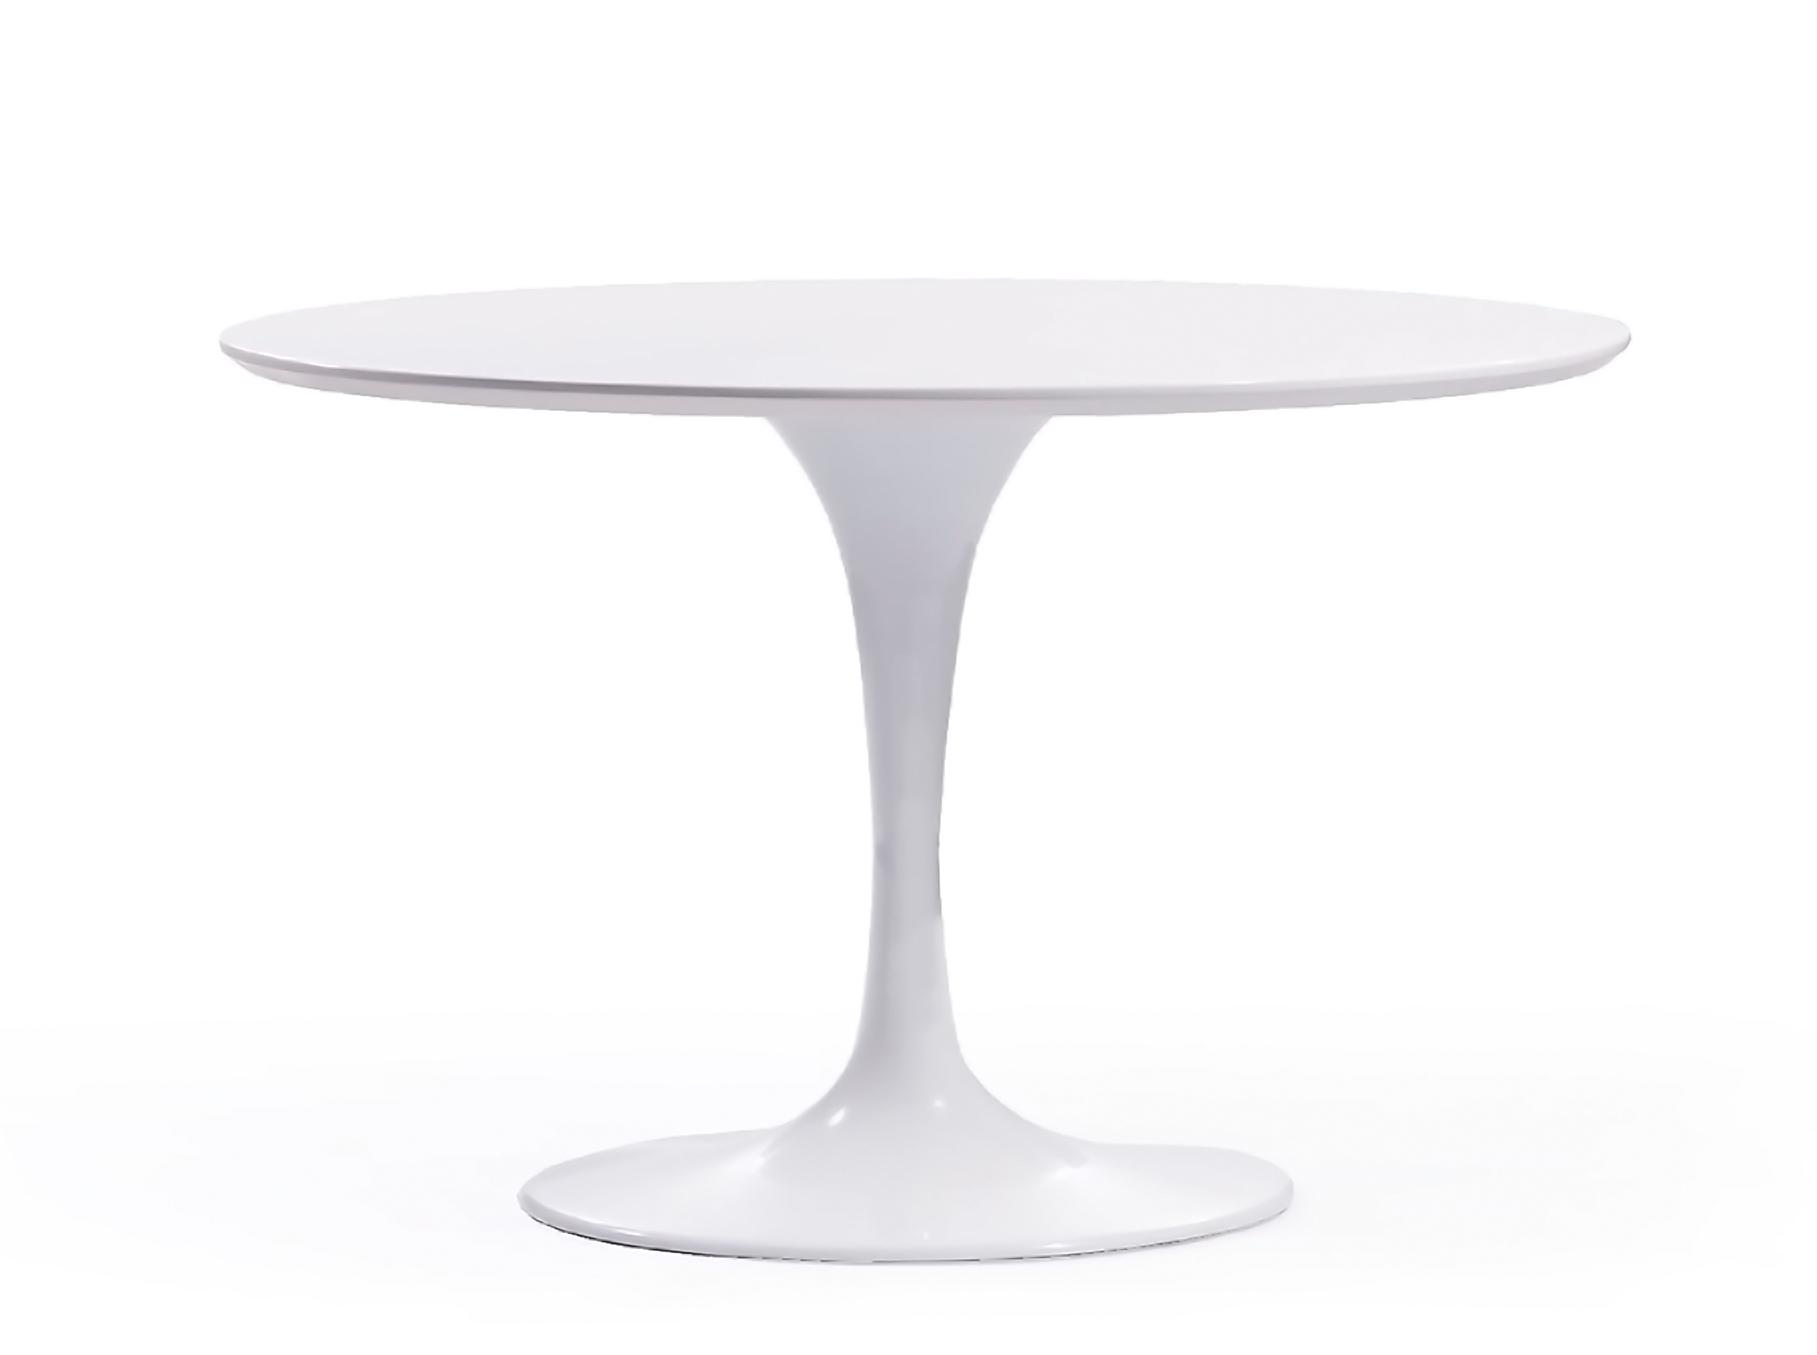 Стол обеденный Apriori TОбеденные столы<br>&amp;lt;div&amp;gt;Обеденный круглый стол с лаконичным основанием из акрилового камня.&amp;amp;nbsp;&amp;lt;/div&amp;gt;&amp;lt;div&amp;gt;Подходит в комплект со стульями серии &amp;quot;Apriori&amp;quot;.&amp;amp;nbsp;&amp;lt;/div&amp;gt;&amp;lt;div&amp;gt;&amp;lt;br&amp;gt;&amp;lt;/div&amp;gt;&amp;lt;div&amp;gt;Материал: акриловый камень (13тон белый глянец).&amp;lt;/div&amp;gt;<br><br>Material: Дерево<br>Length см: None<br>Width см: None<br>Height см: 77<br>Diameter см: 105